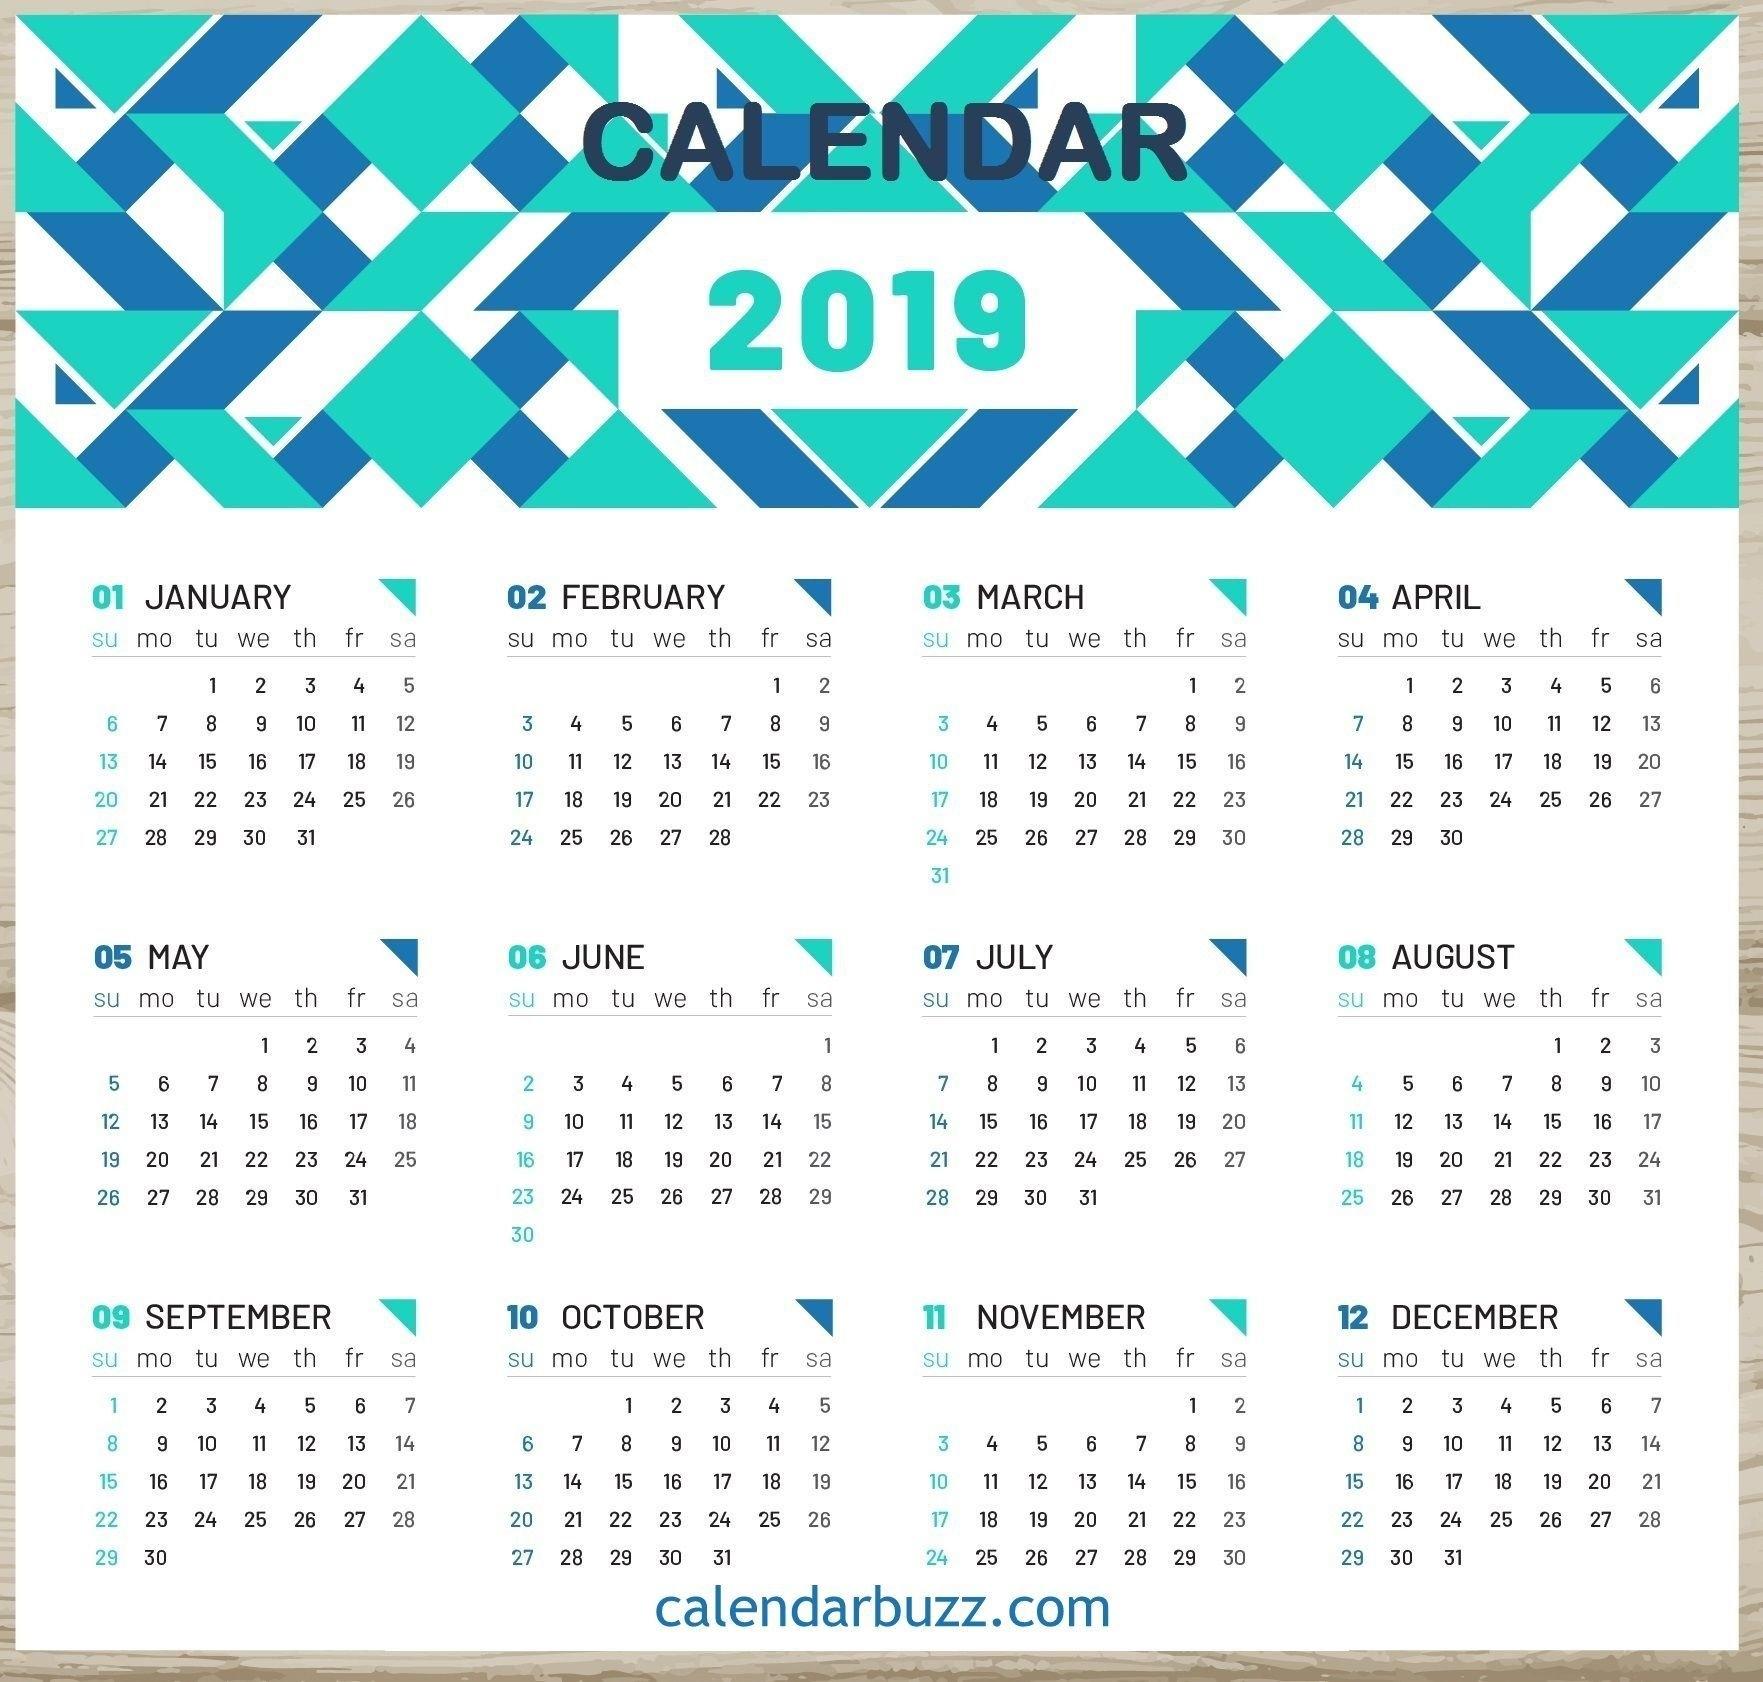 2019 One Page Desk Calendar | 2019 Calendars | Calendar, 2019 Discover 5 Calendar 2019